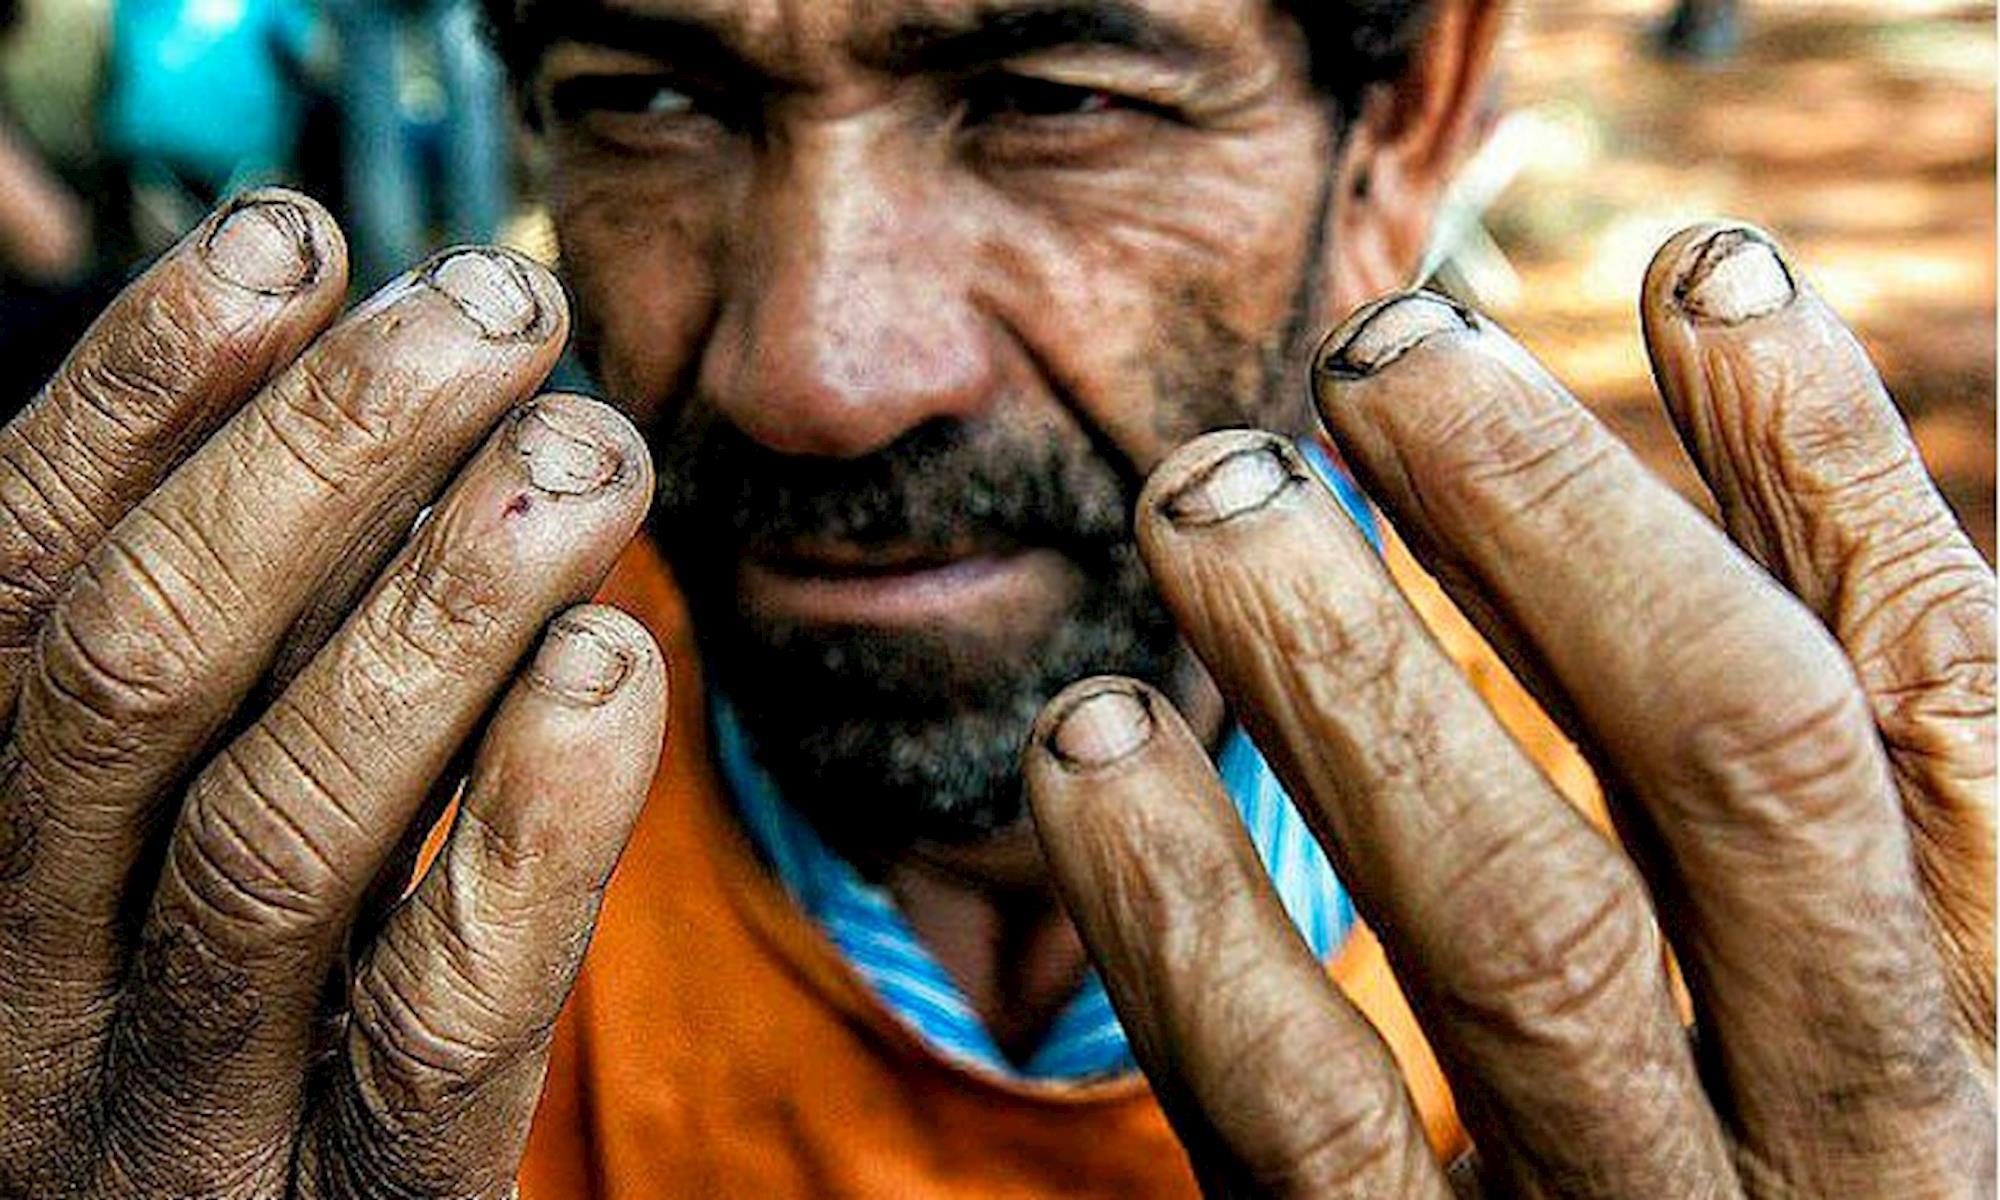 escravo, trabalho, SÉRGIO CARVALHO MTE/REPRODUÇÃ